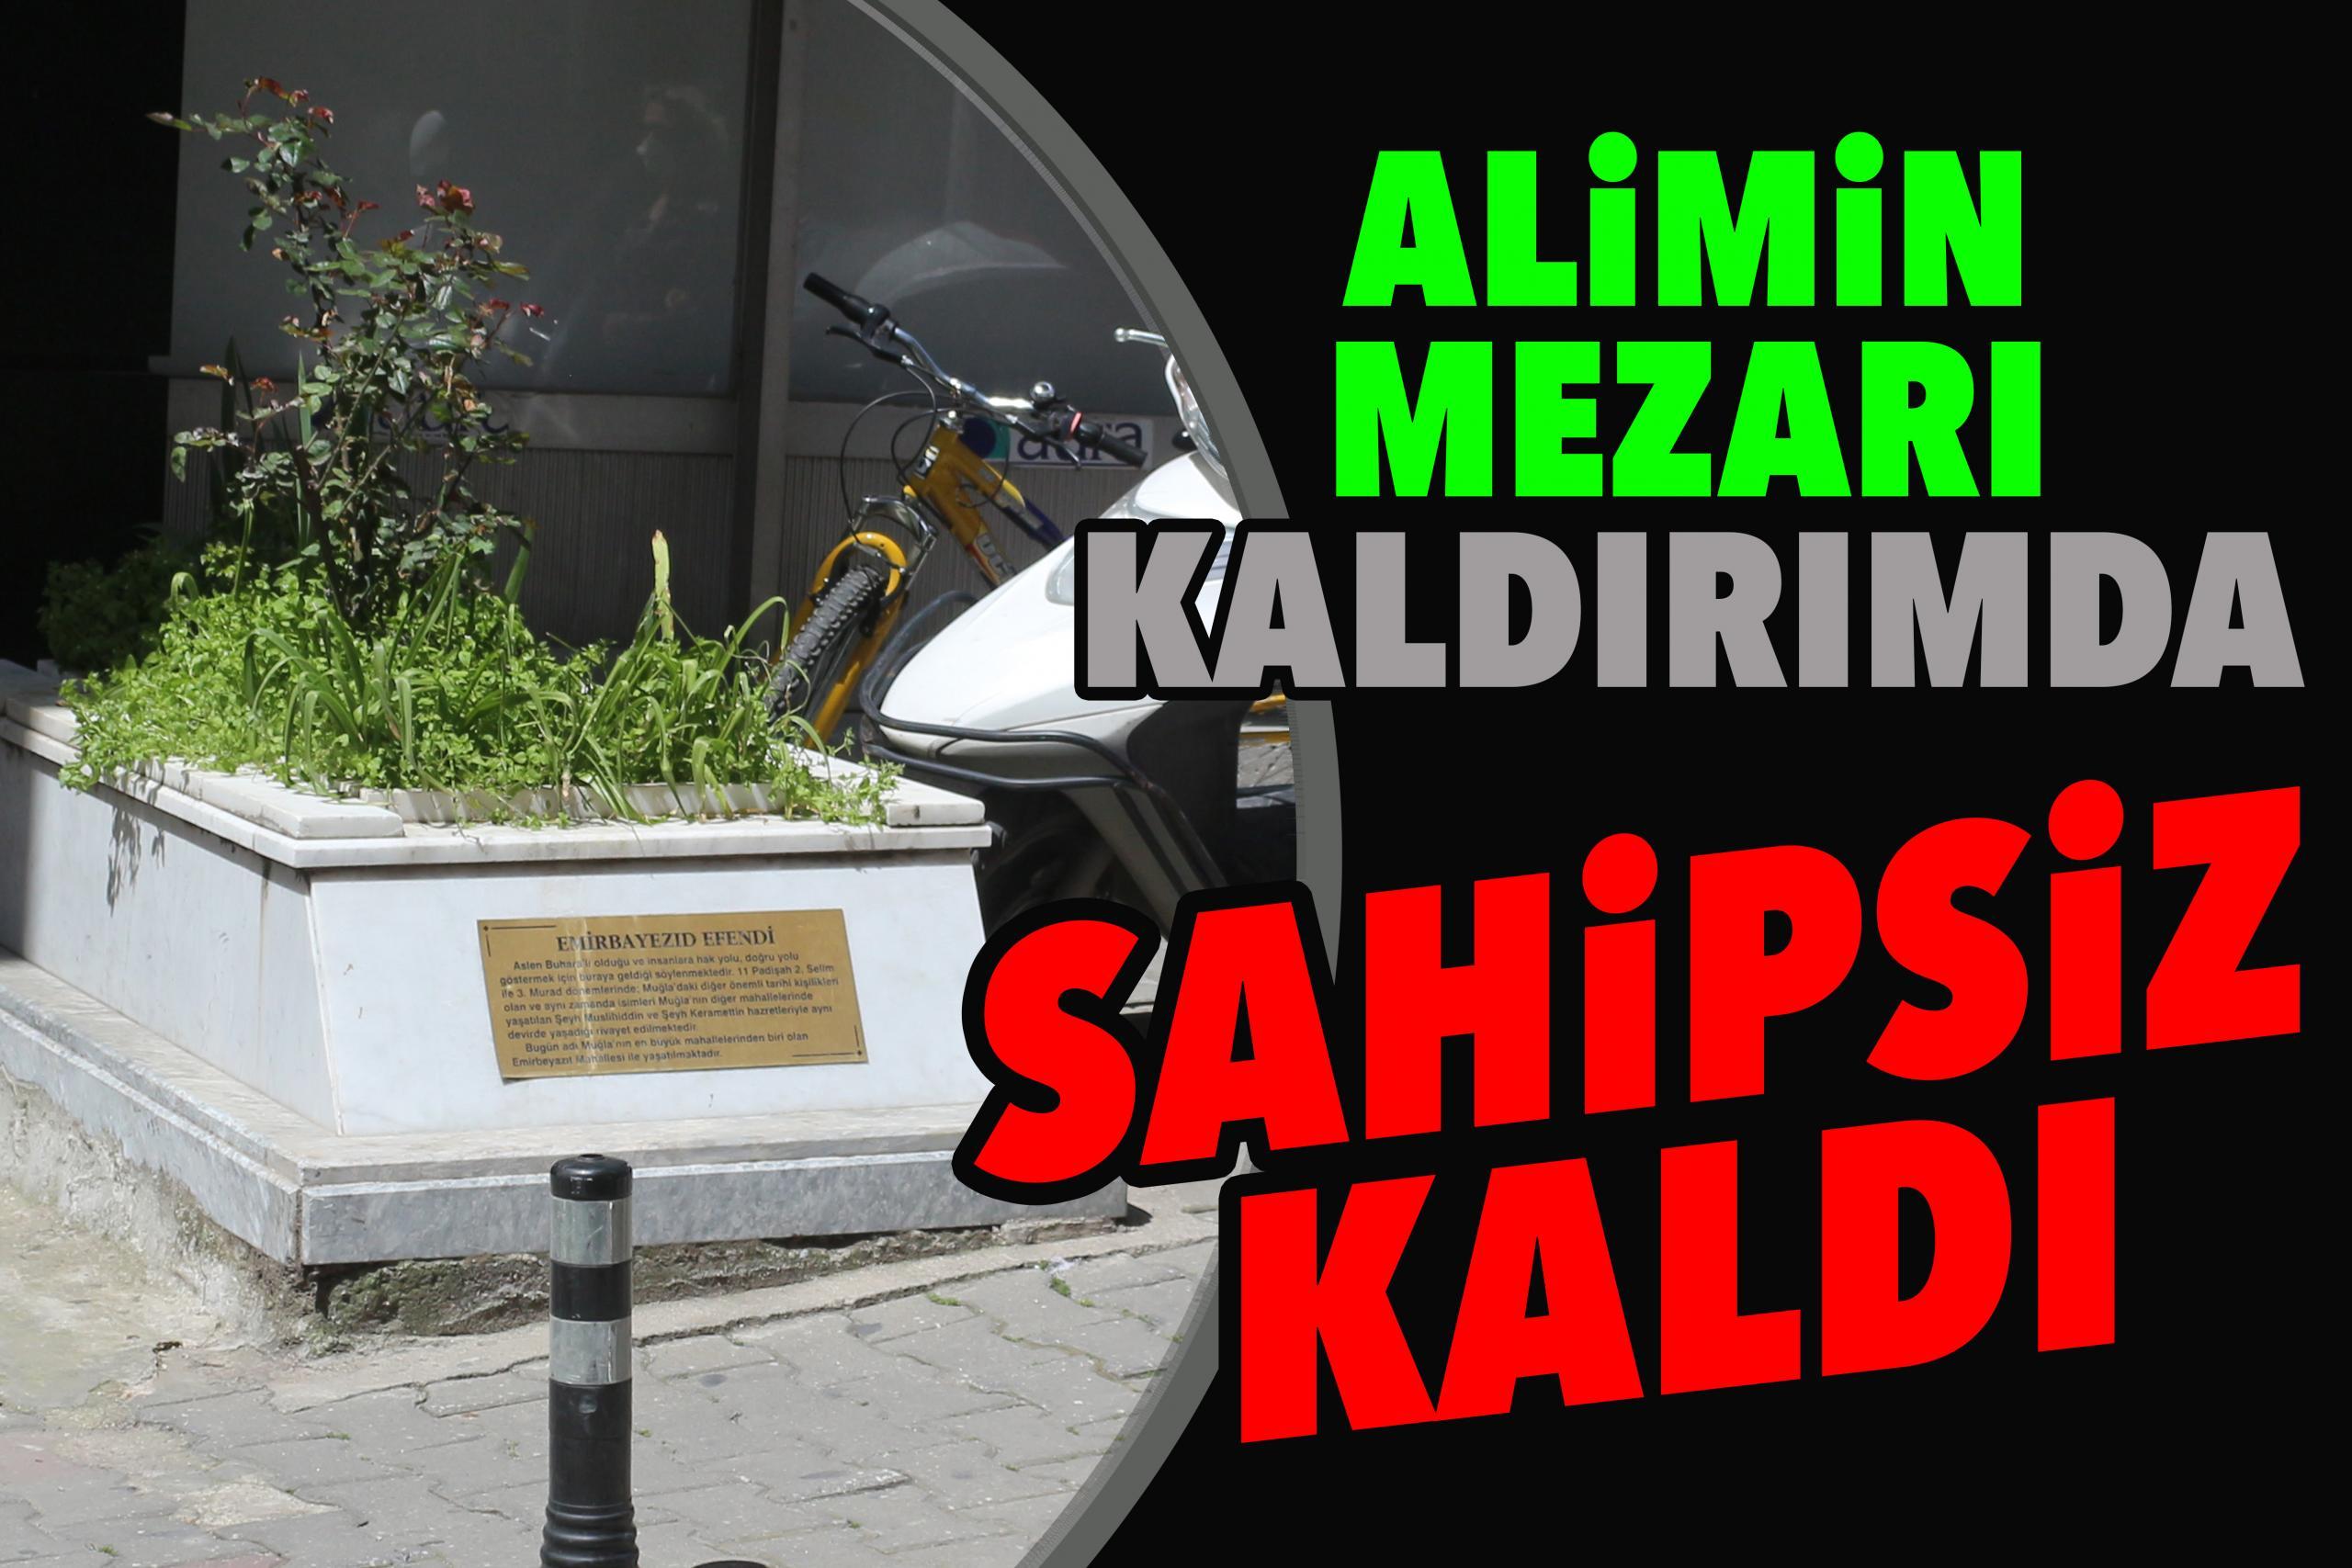 Alimin mezarı kaldırımda sahipsiz kaldı